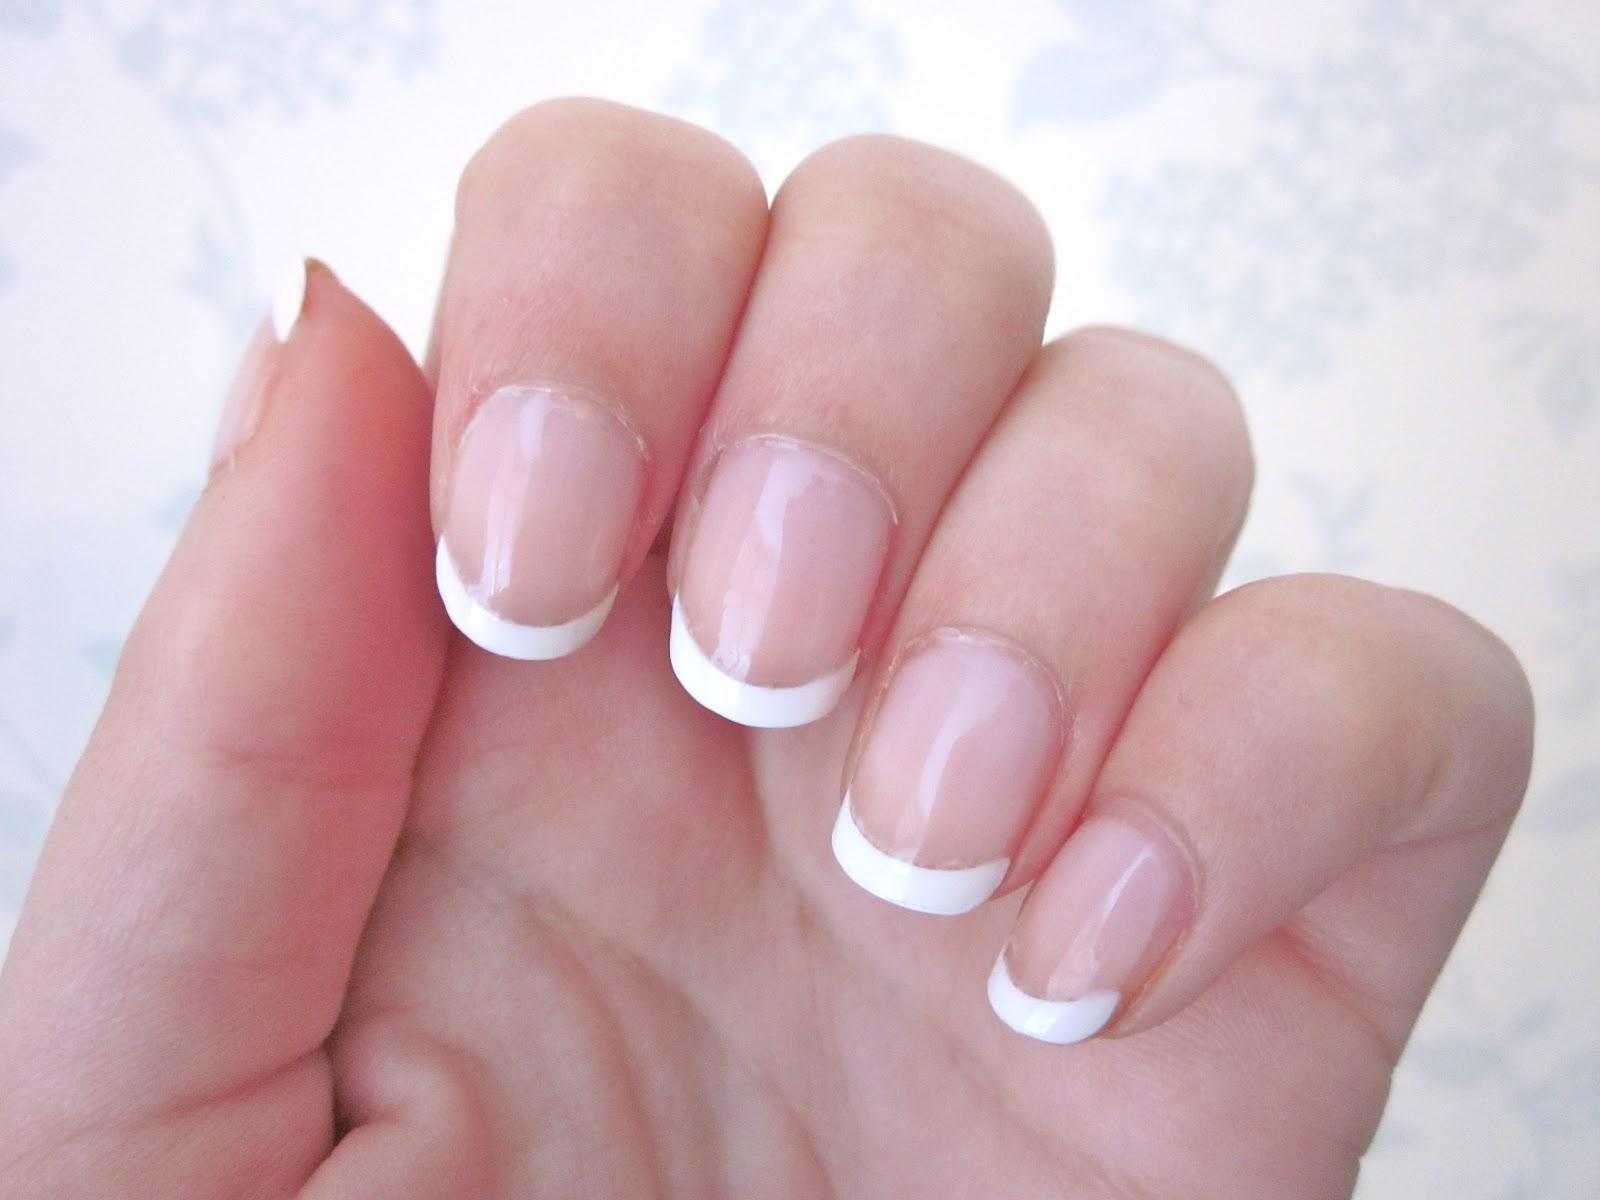 french tips nail vs gel nails photo - 1